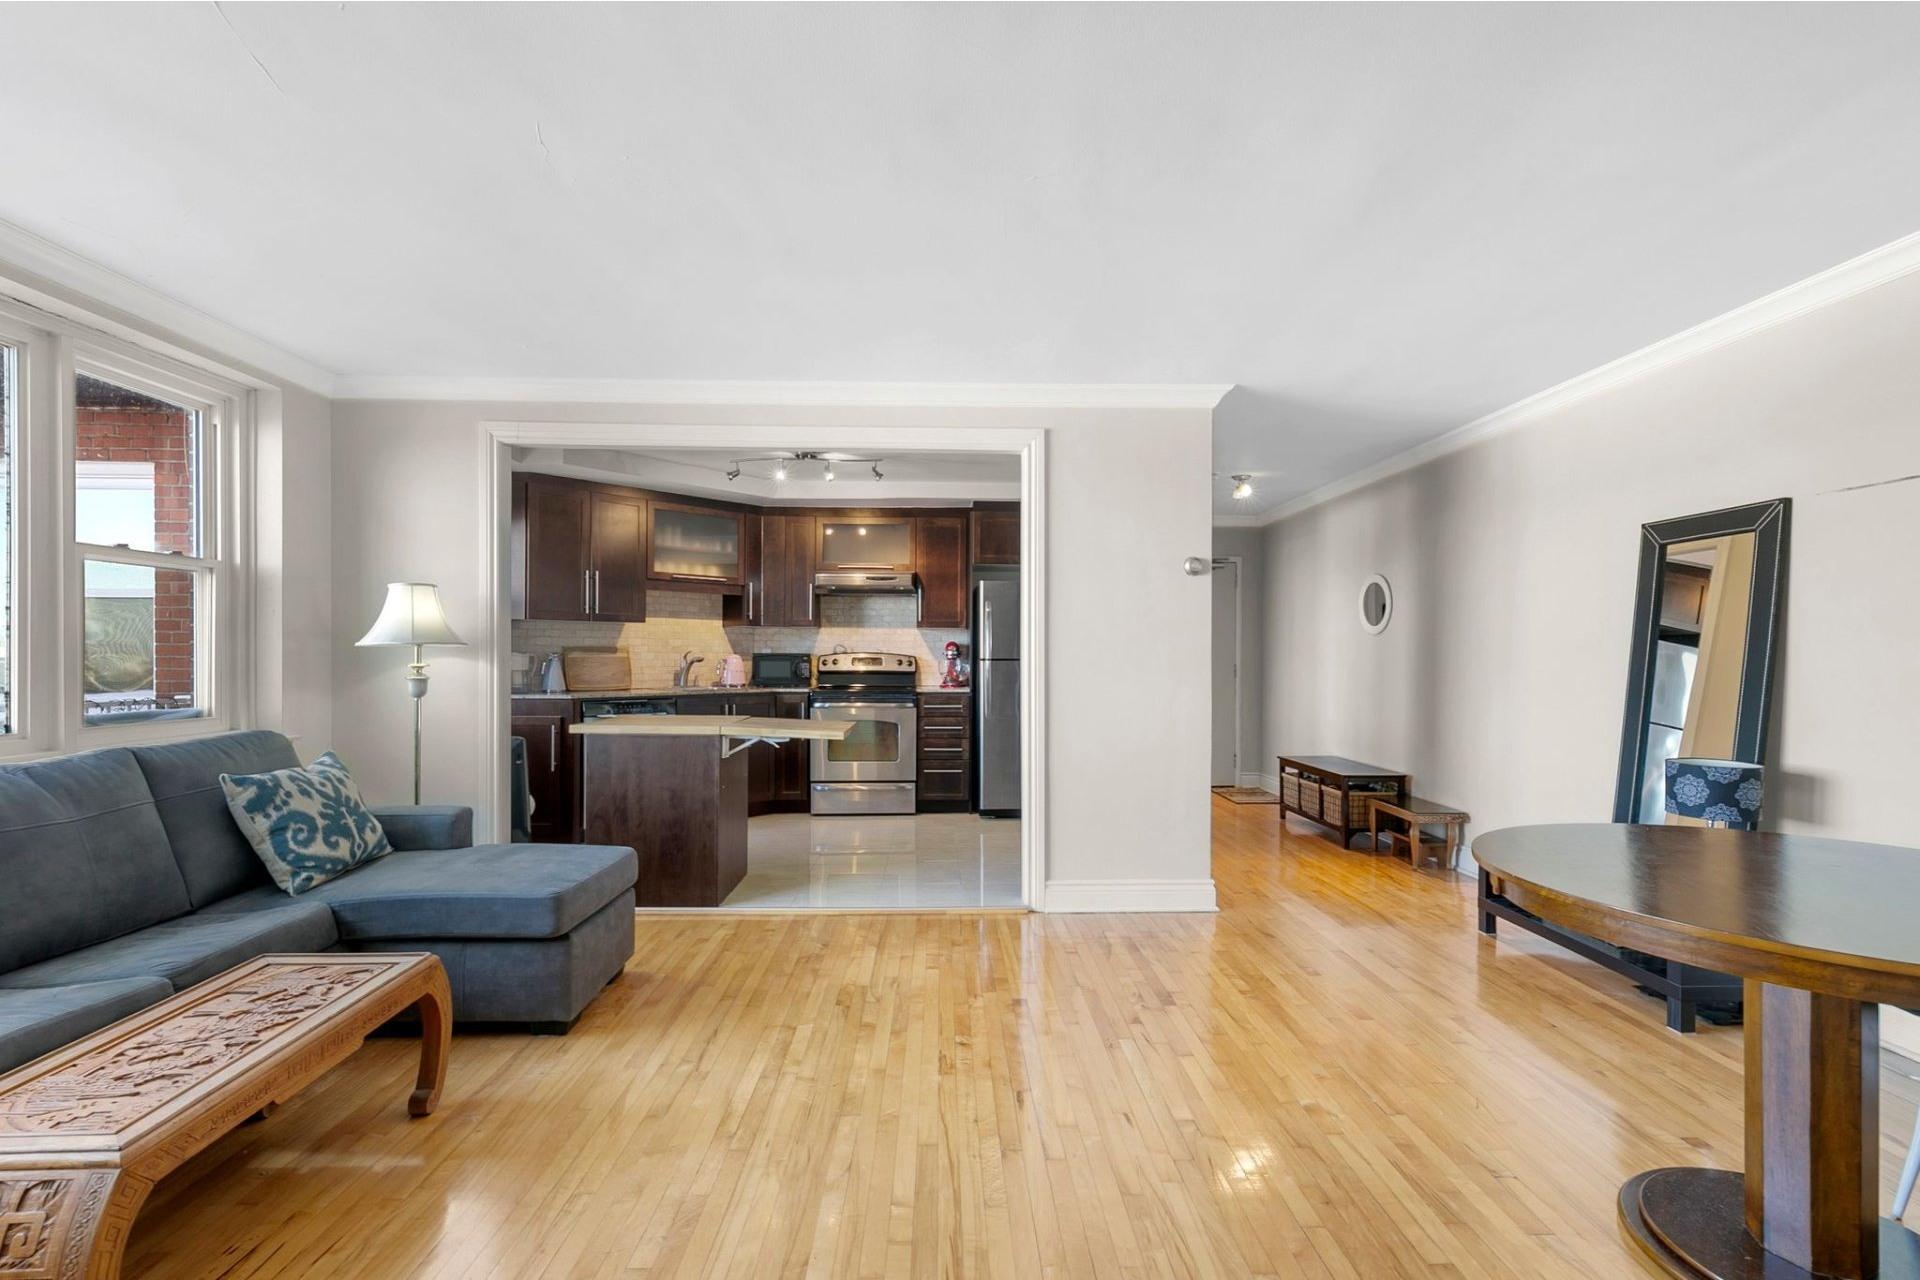 image 4 - Appartement À vendre Côte-des-Neiges/Notre-Dame-de-Grâce Montréal  - 4 pièces